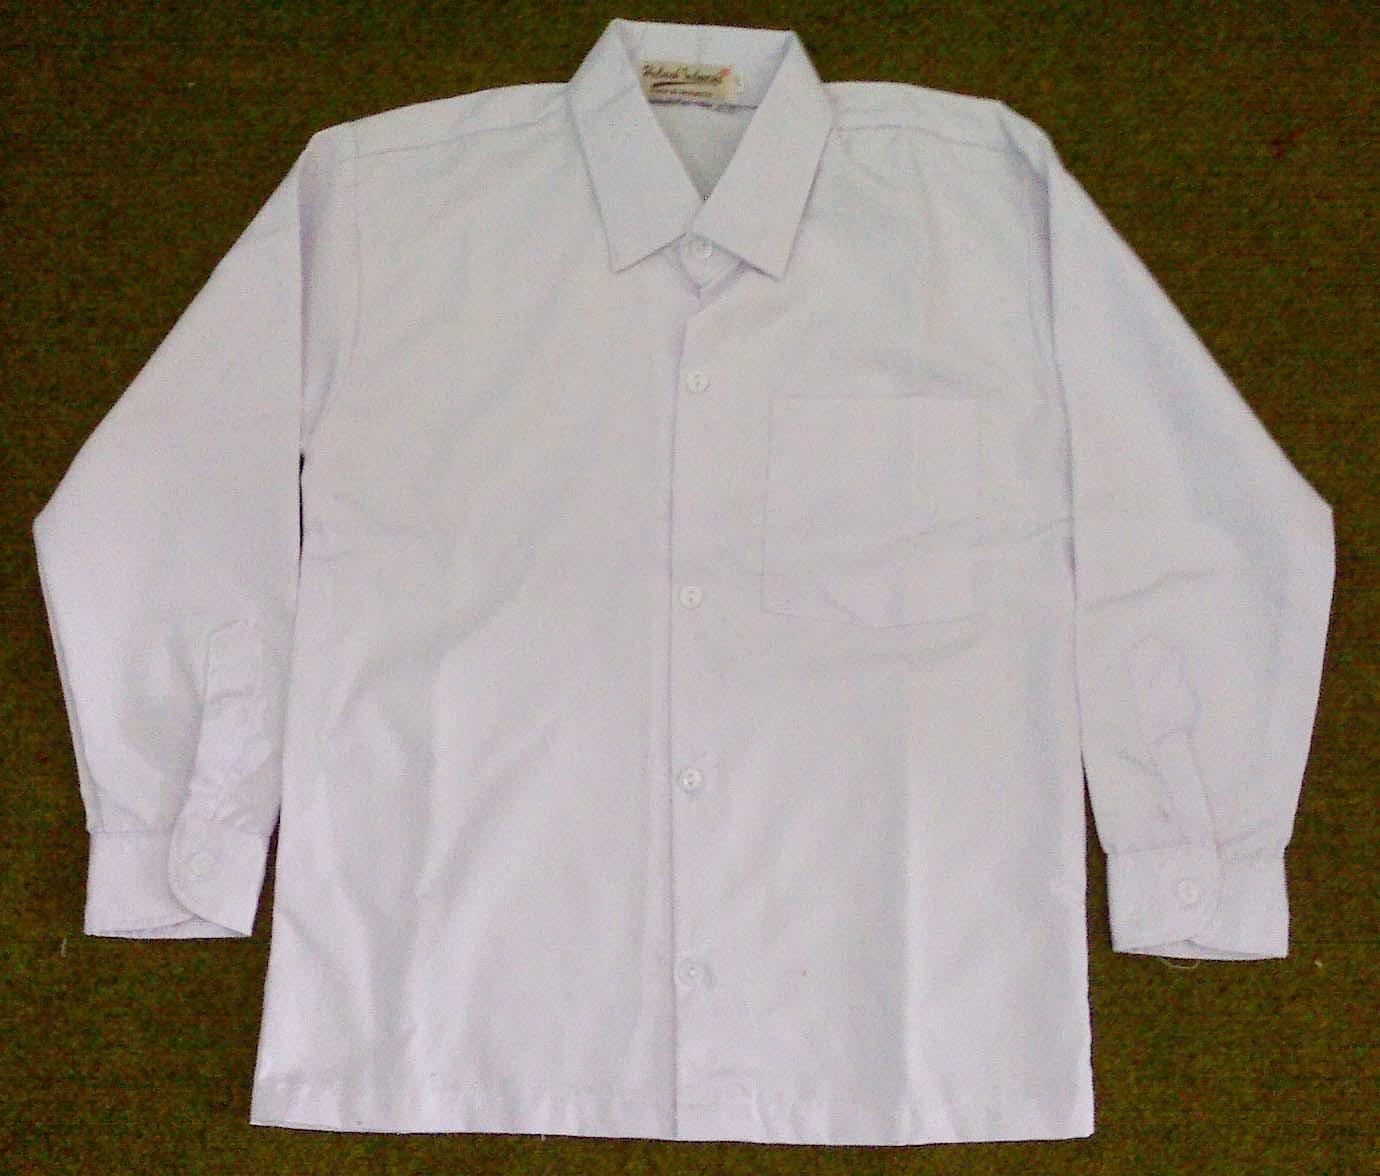 Contoh Baju Seragam Batik Sekolah: Konveksi & Grosir Baju Seragam Sekolah Murah SD/MI, SMP